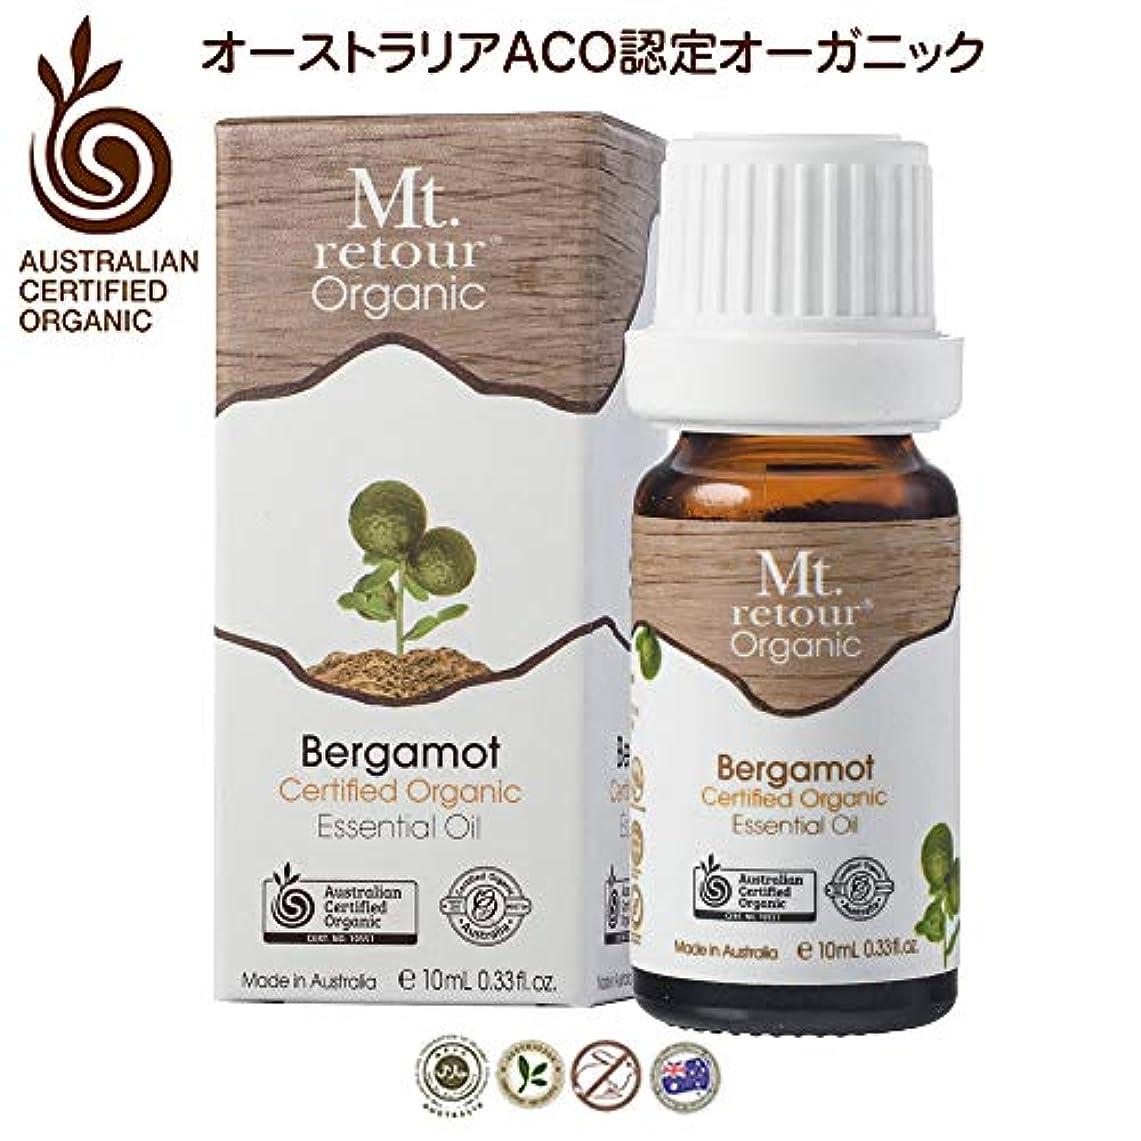 美徳区別する冷蔵するMt. retour ACO認定オーガニック ベルガモット 10ml エッセンシャルオイル(無農薬有機)アロマ